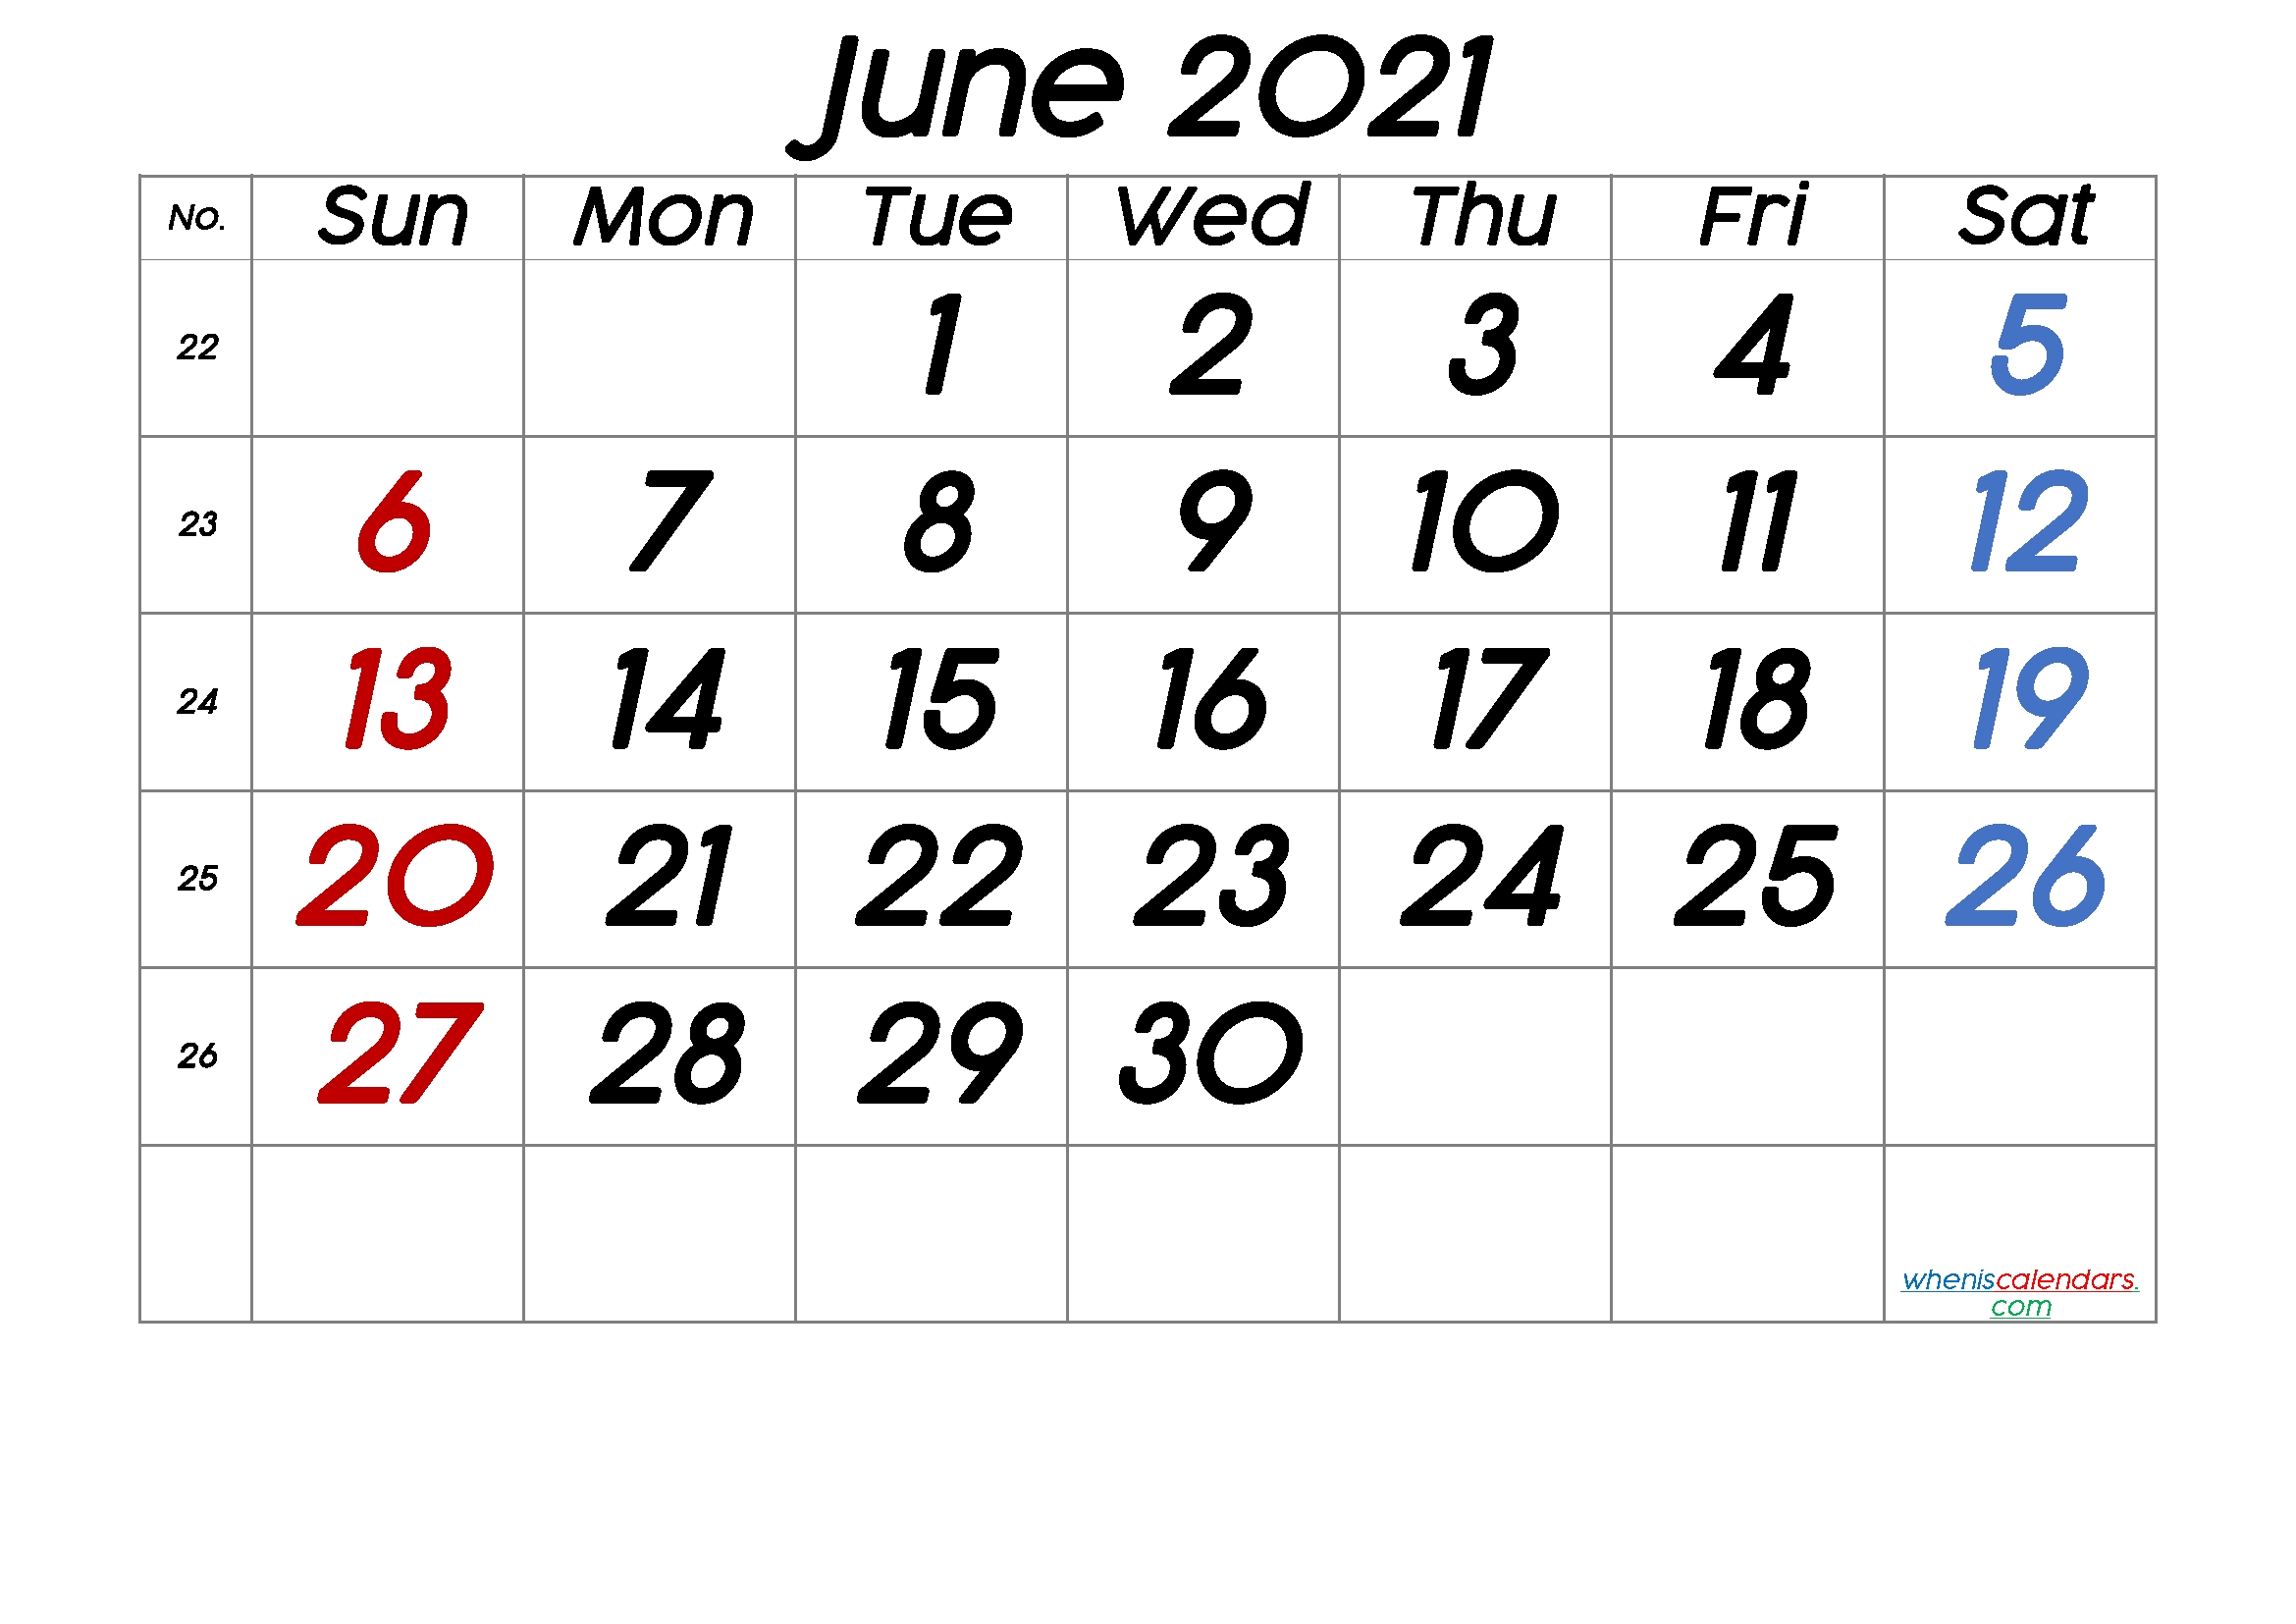 Free Printable June 2021 Calendar (Premium) June 2021 Calendar Printable